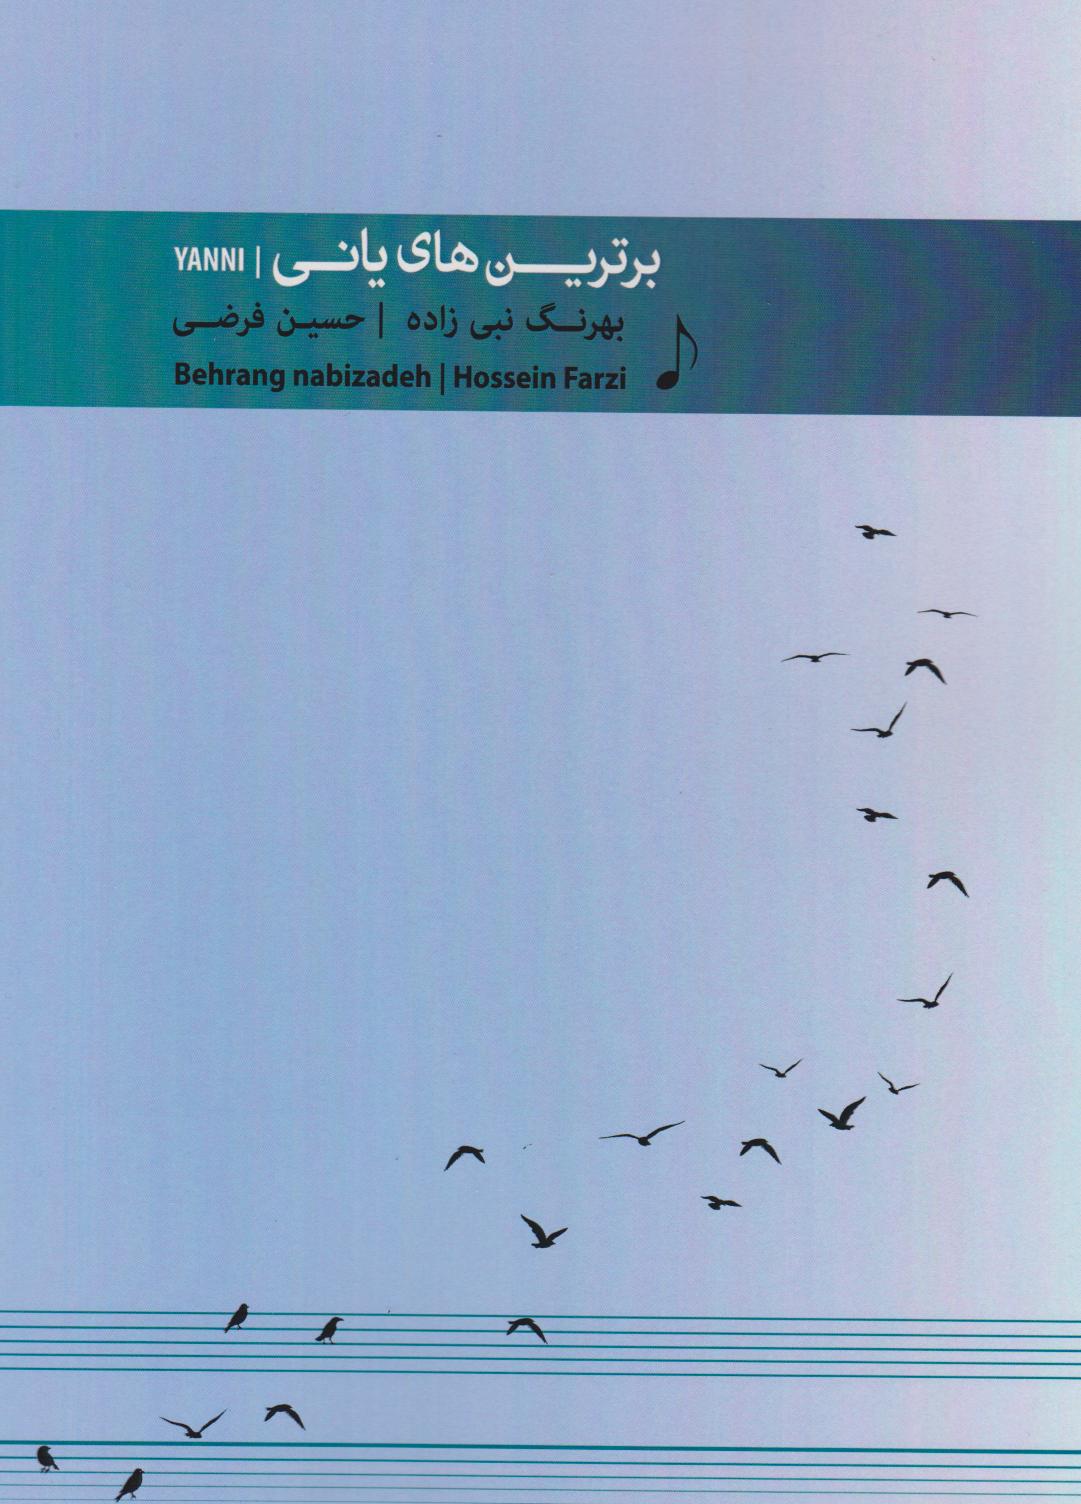 کتاب برترینهای یانی بهرنگ نبیزاده حسین فرضی انتشارات مولف